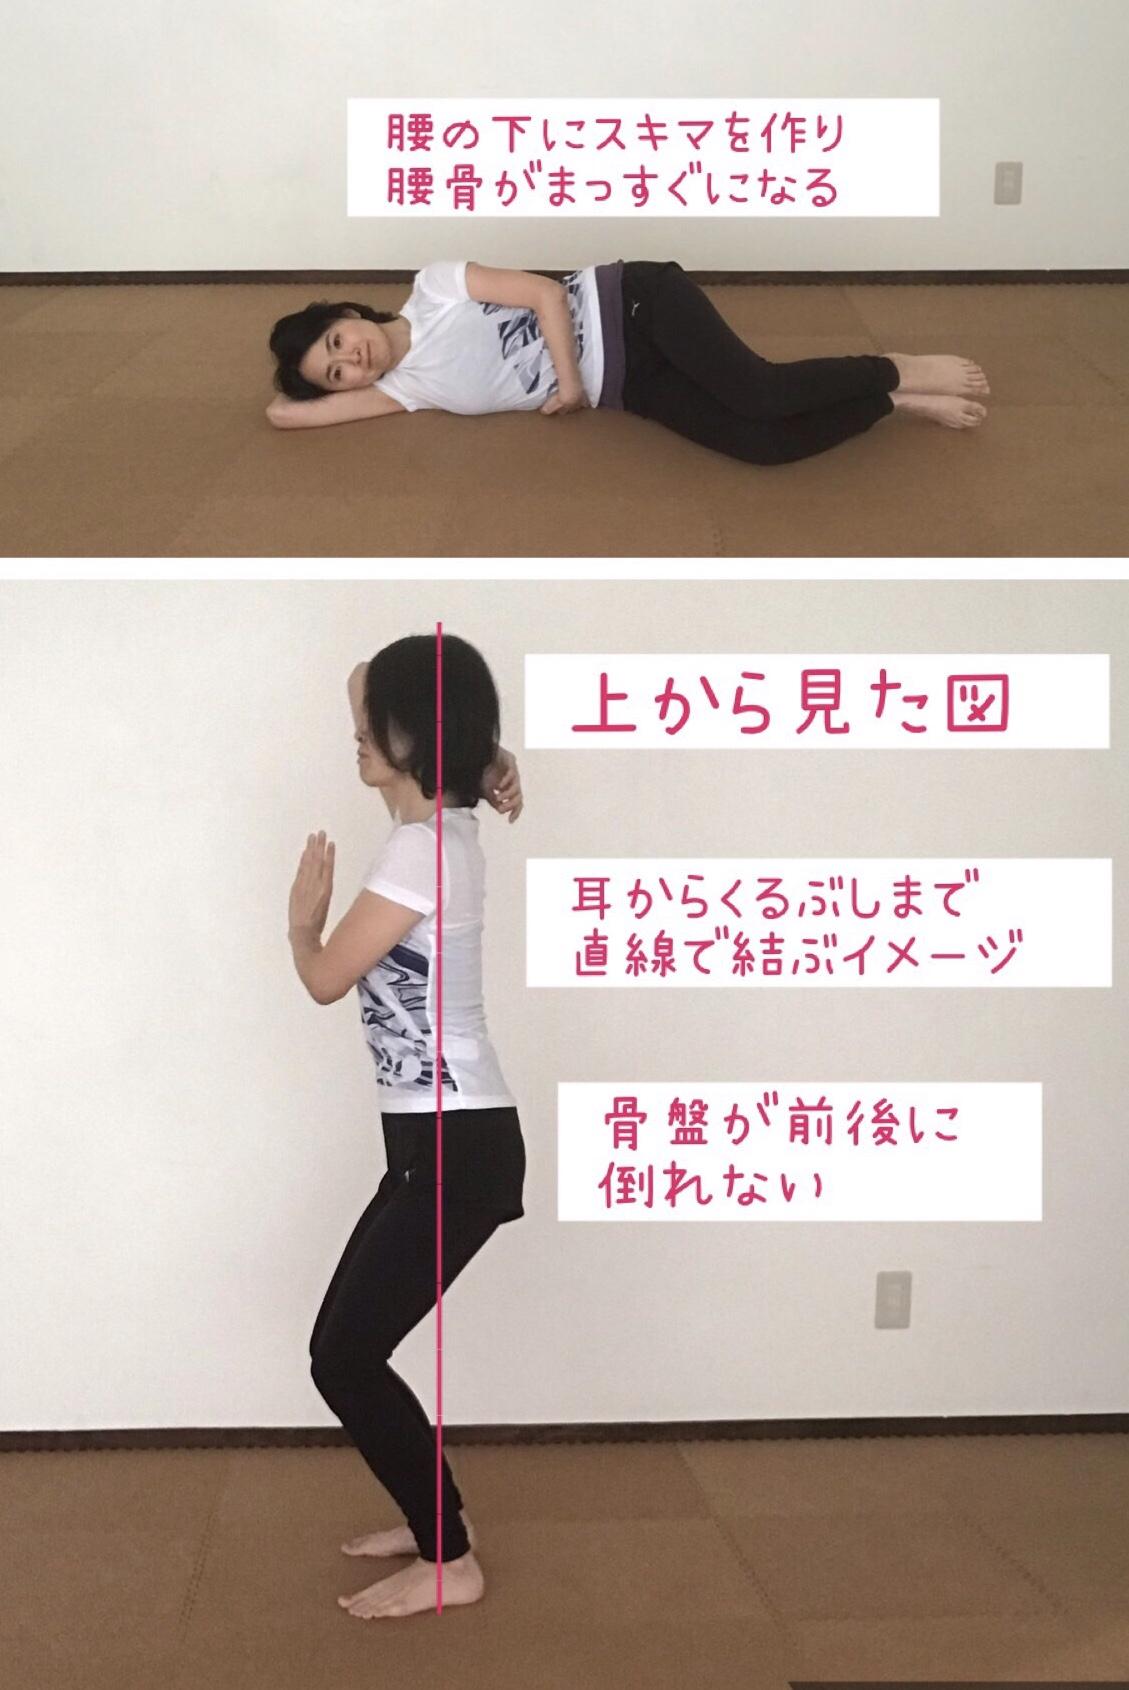 【トレーニング】クラムエクササイズ(ミニバンド編)